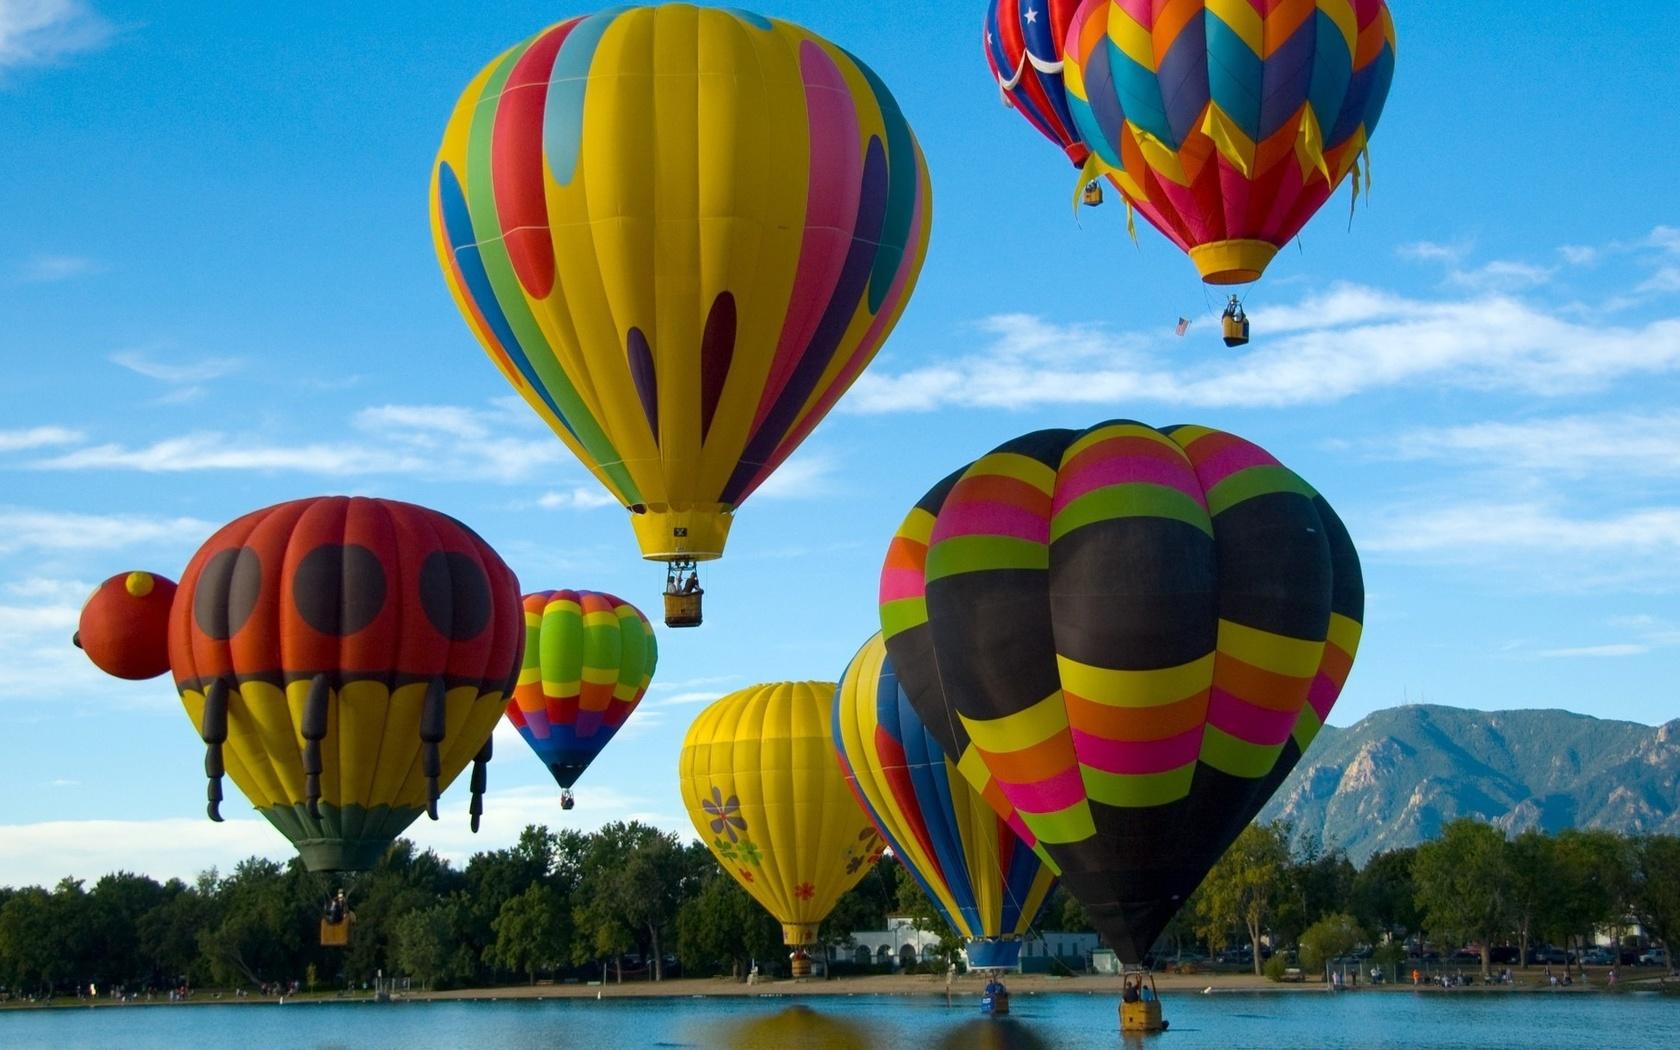 такая красивая картинка воздушного шара если сумасшествия